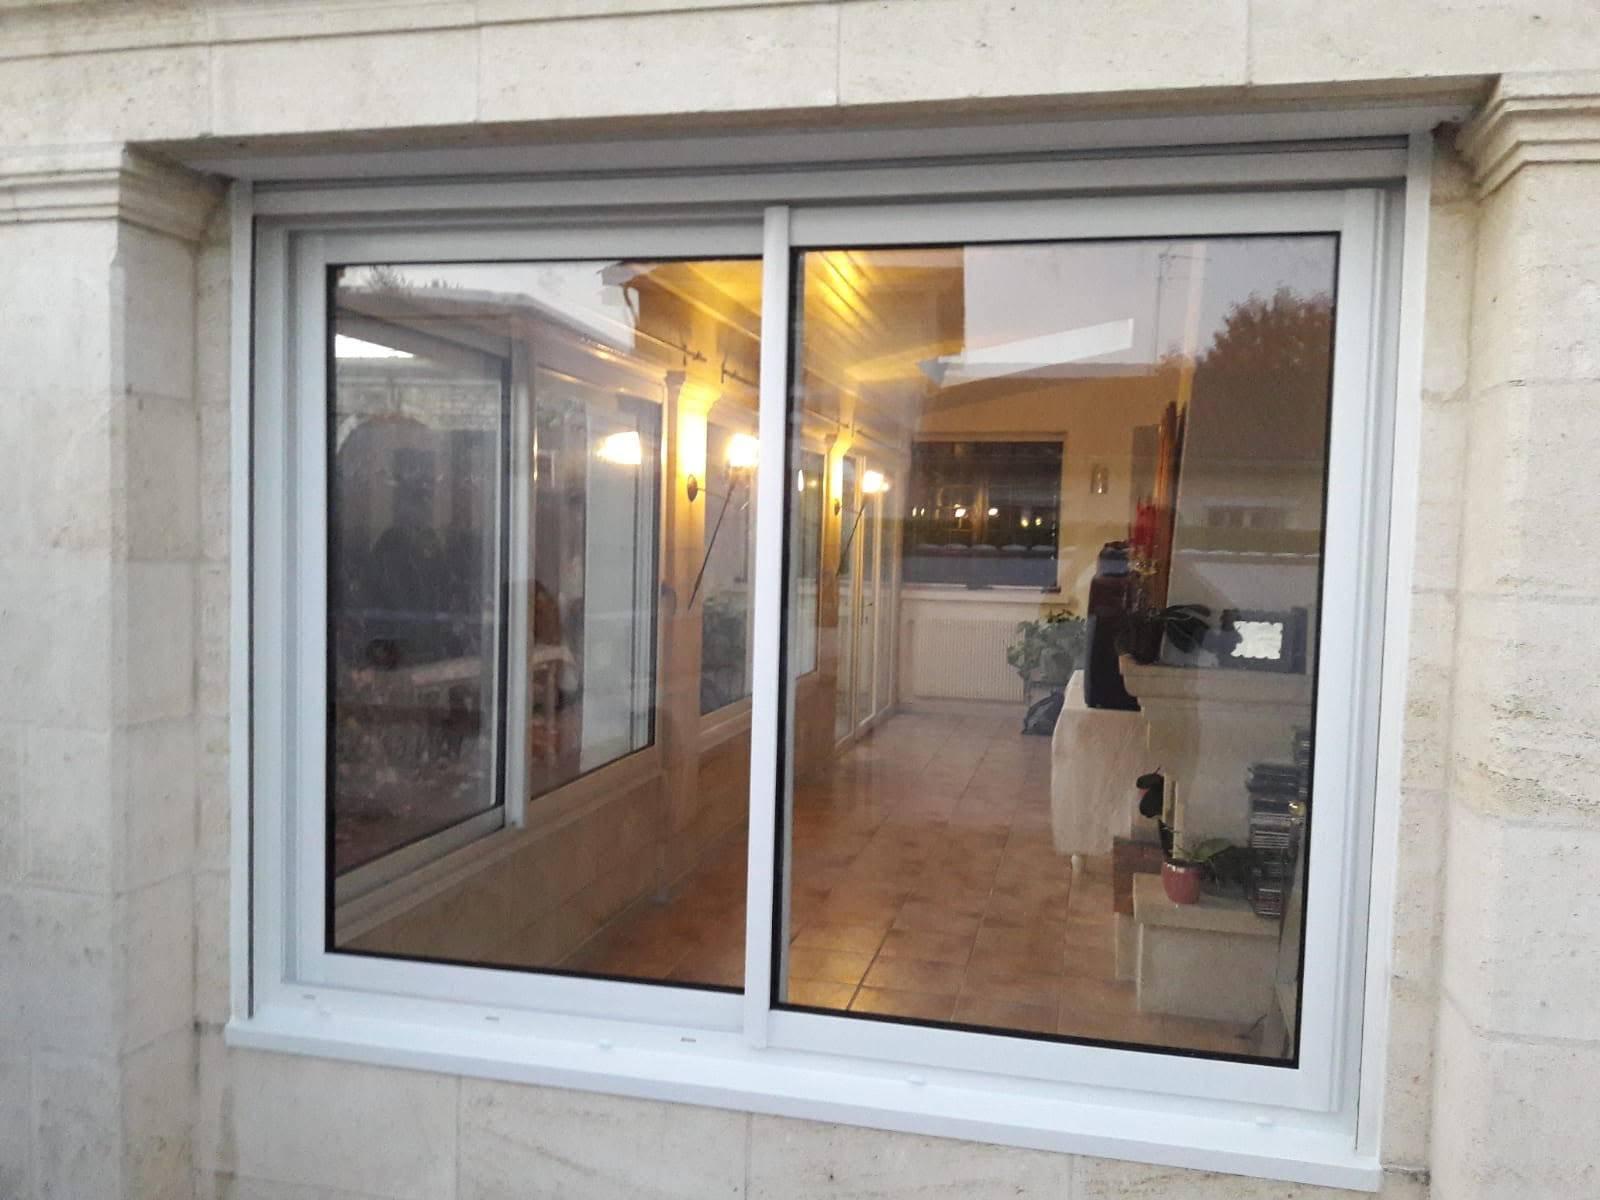 pose de fenêtres en PVC